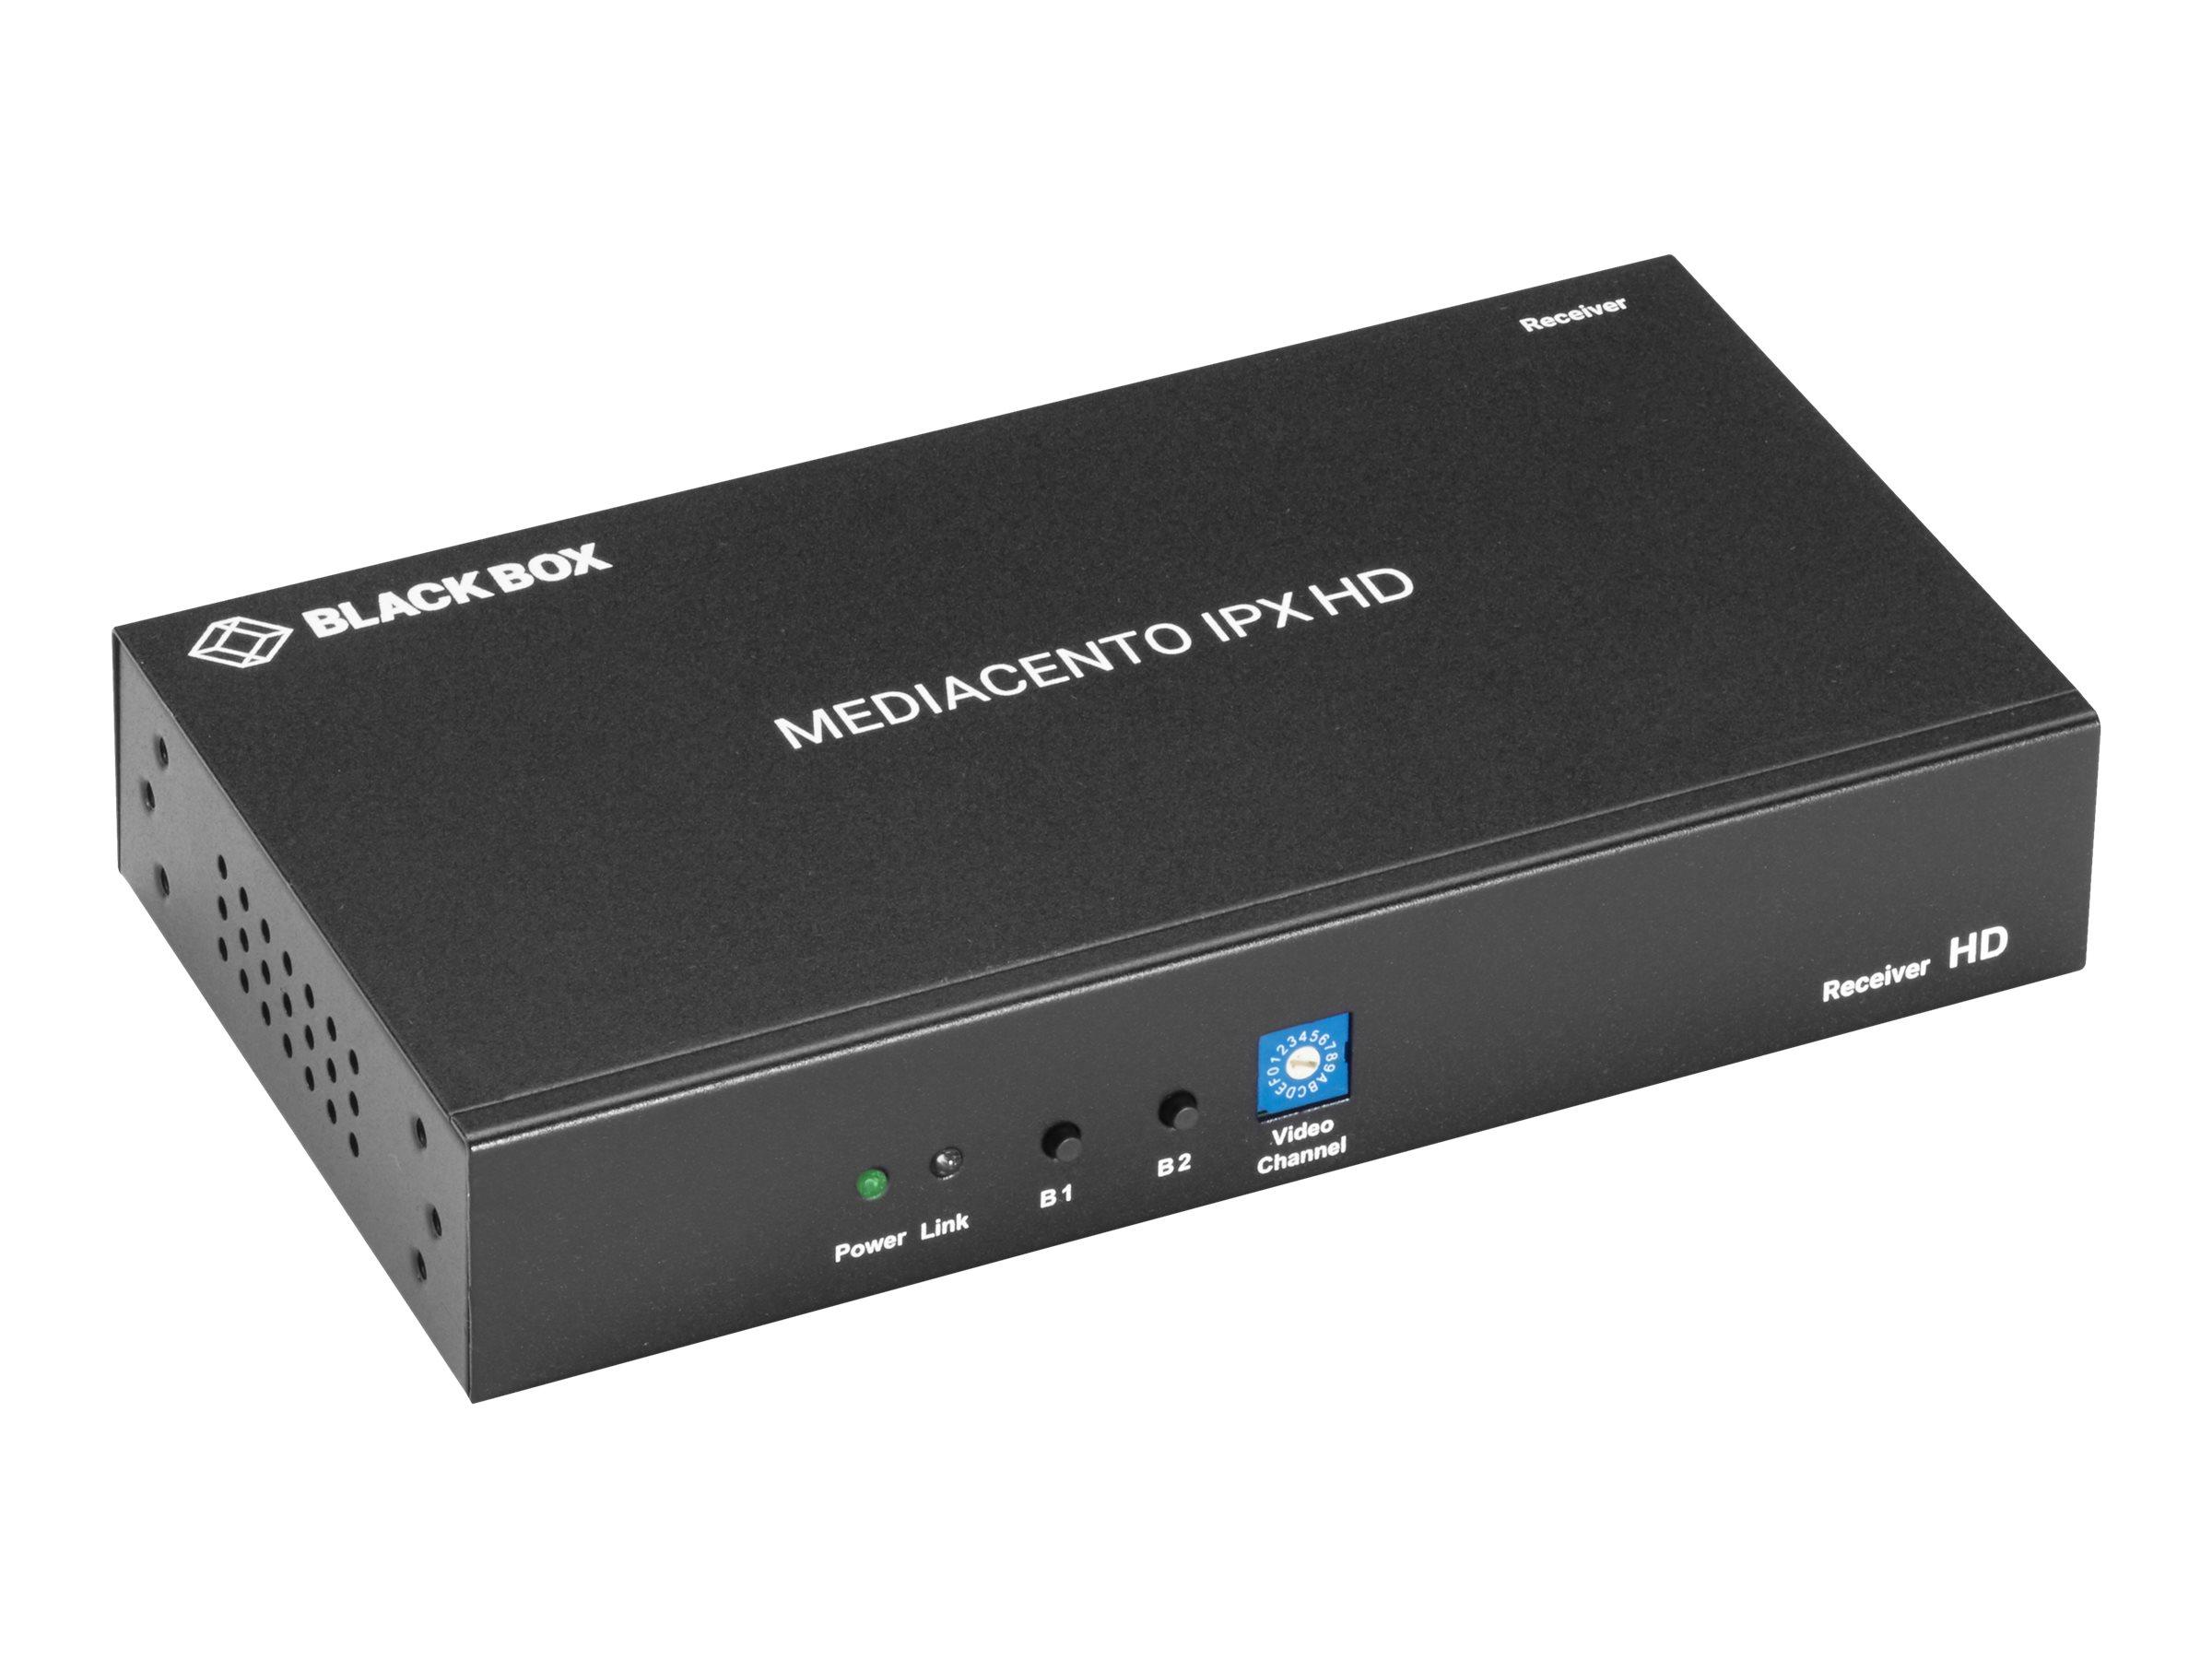 Black Box MediaCento IPX HD Receiver - HDMI over IP - Erweiterung für Video/Audio - GigE - 1000Base-T - bis zu 100 m